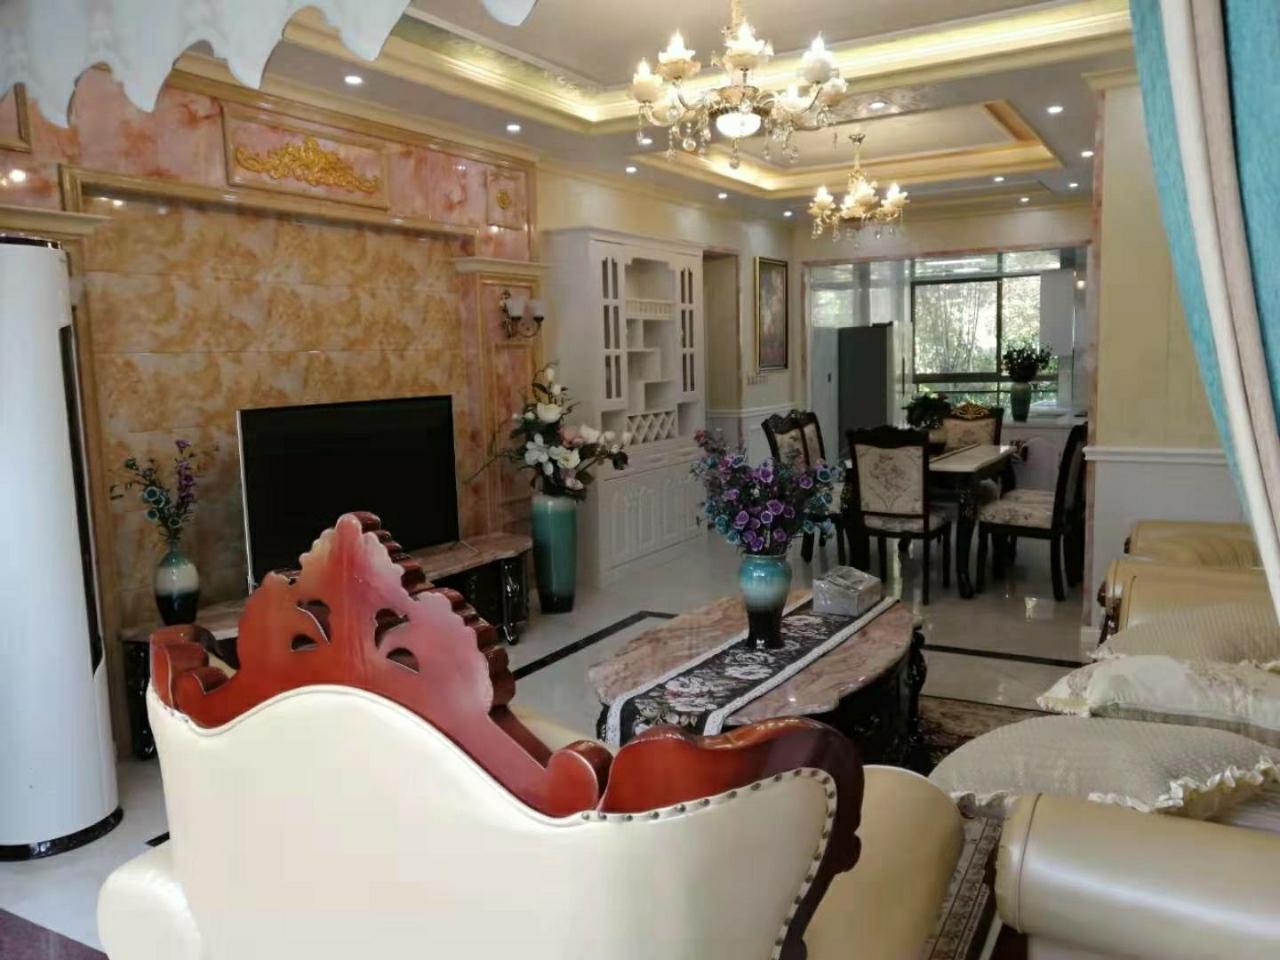 藍橋圣菲高檔集成墻4房出售帶家具家電花園洋房